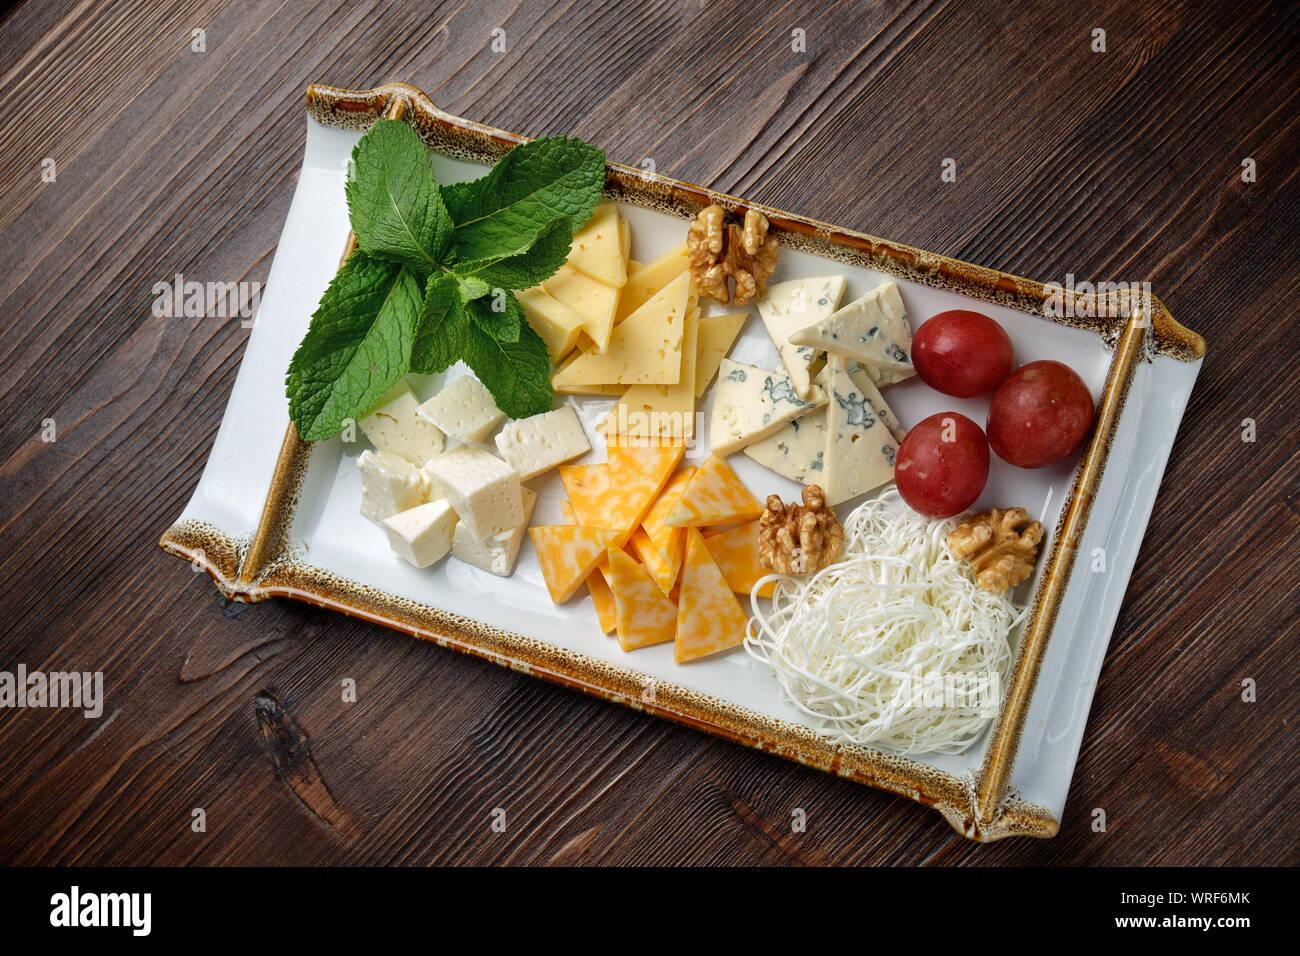 Belle table assiette de fromage sur une plaque blanche sur un fond sombre. Style alimentaire. Restaurant menu Banque D'Images